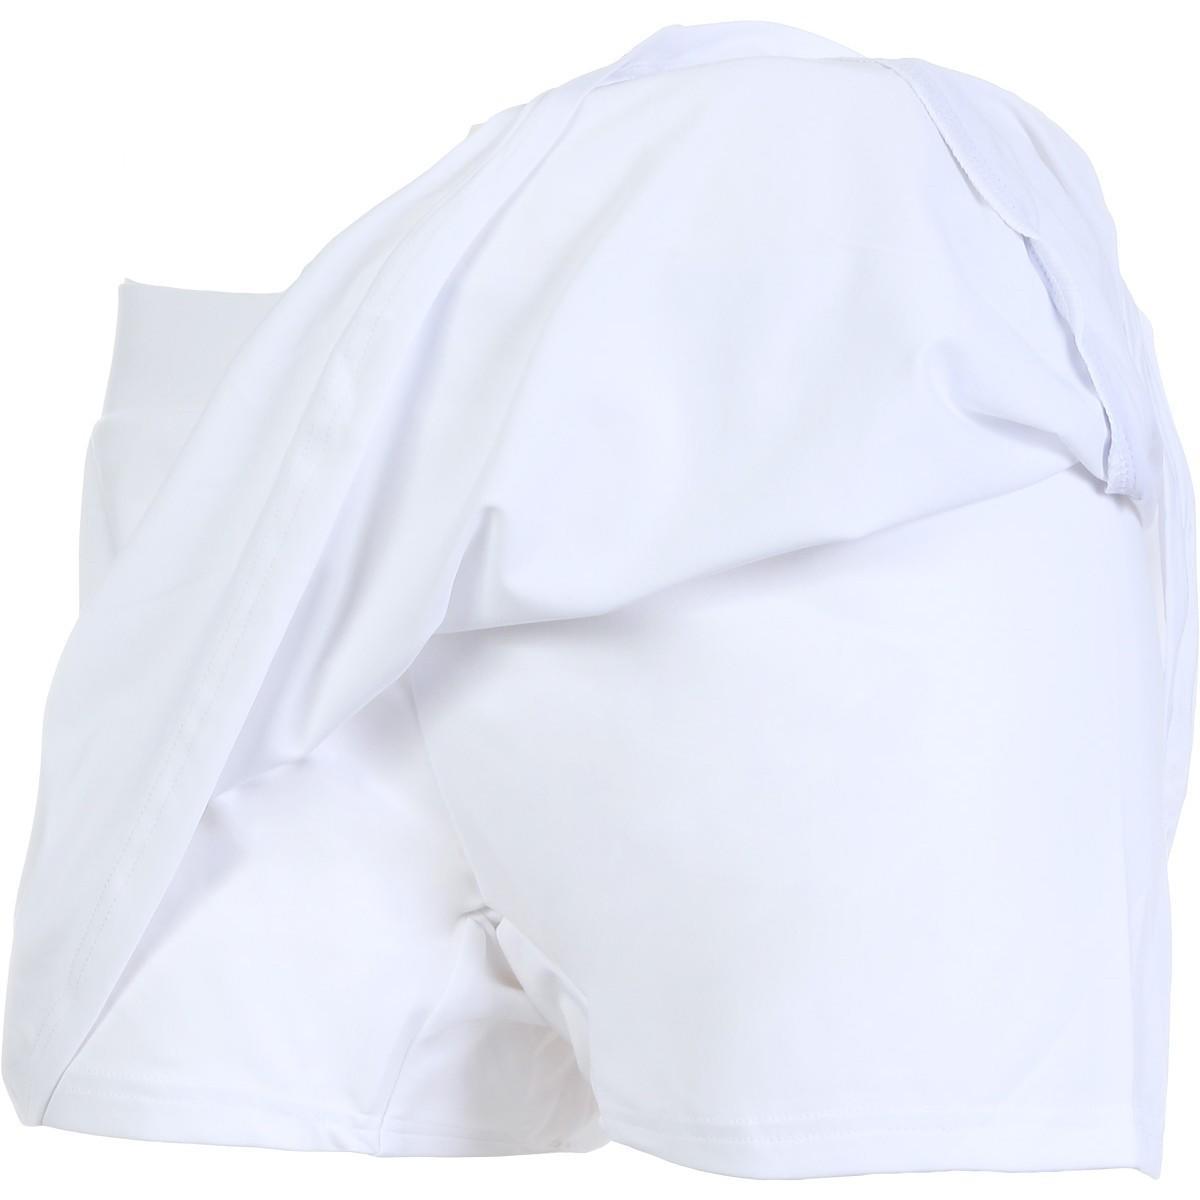 Теннисная юбка женская Adidas Solar Skirt white